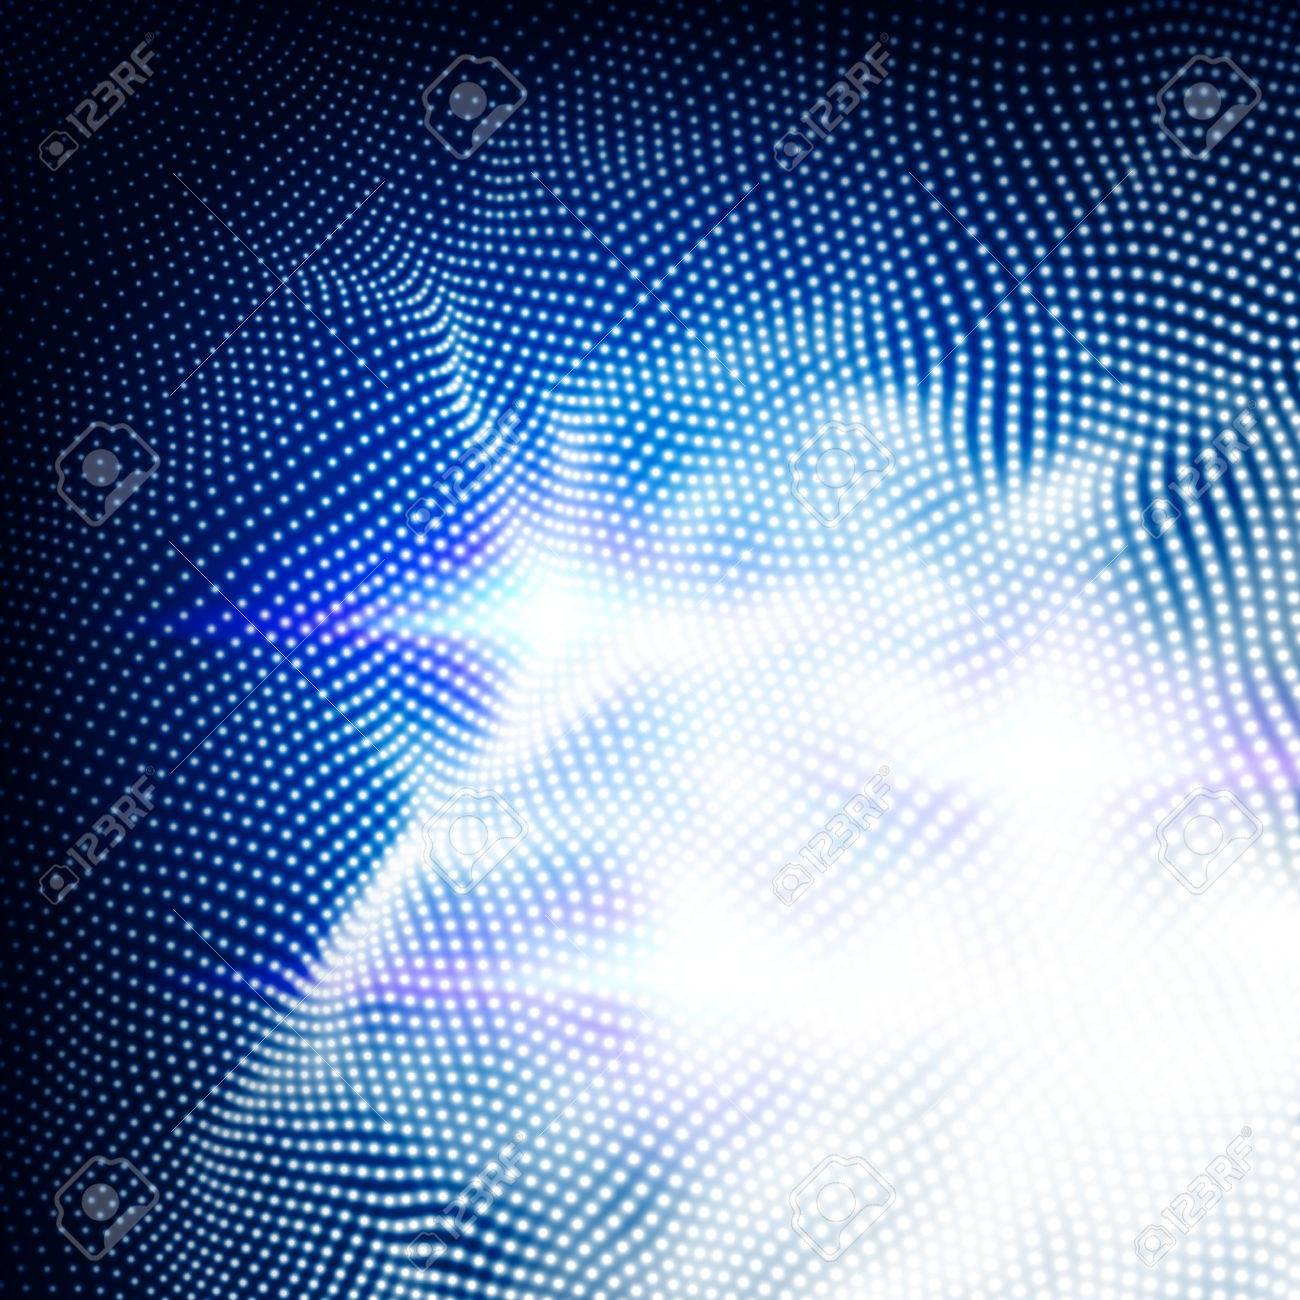 複数のドット粒子と抽象的な技術パターン カラフルな空間バースト背景